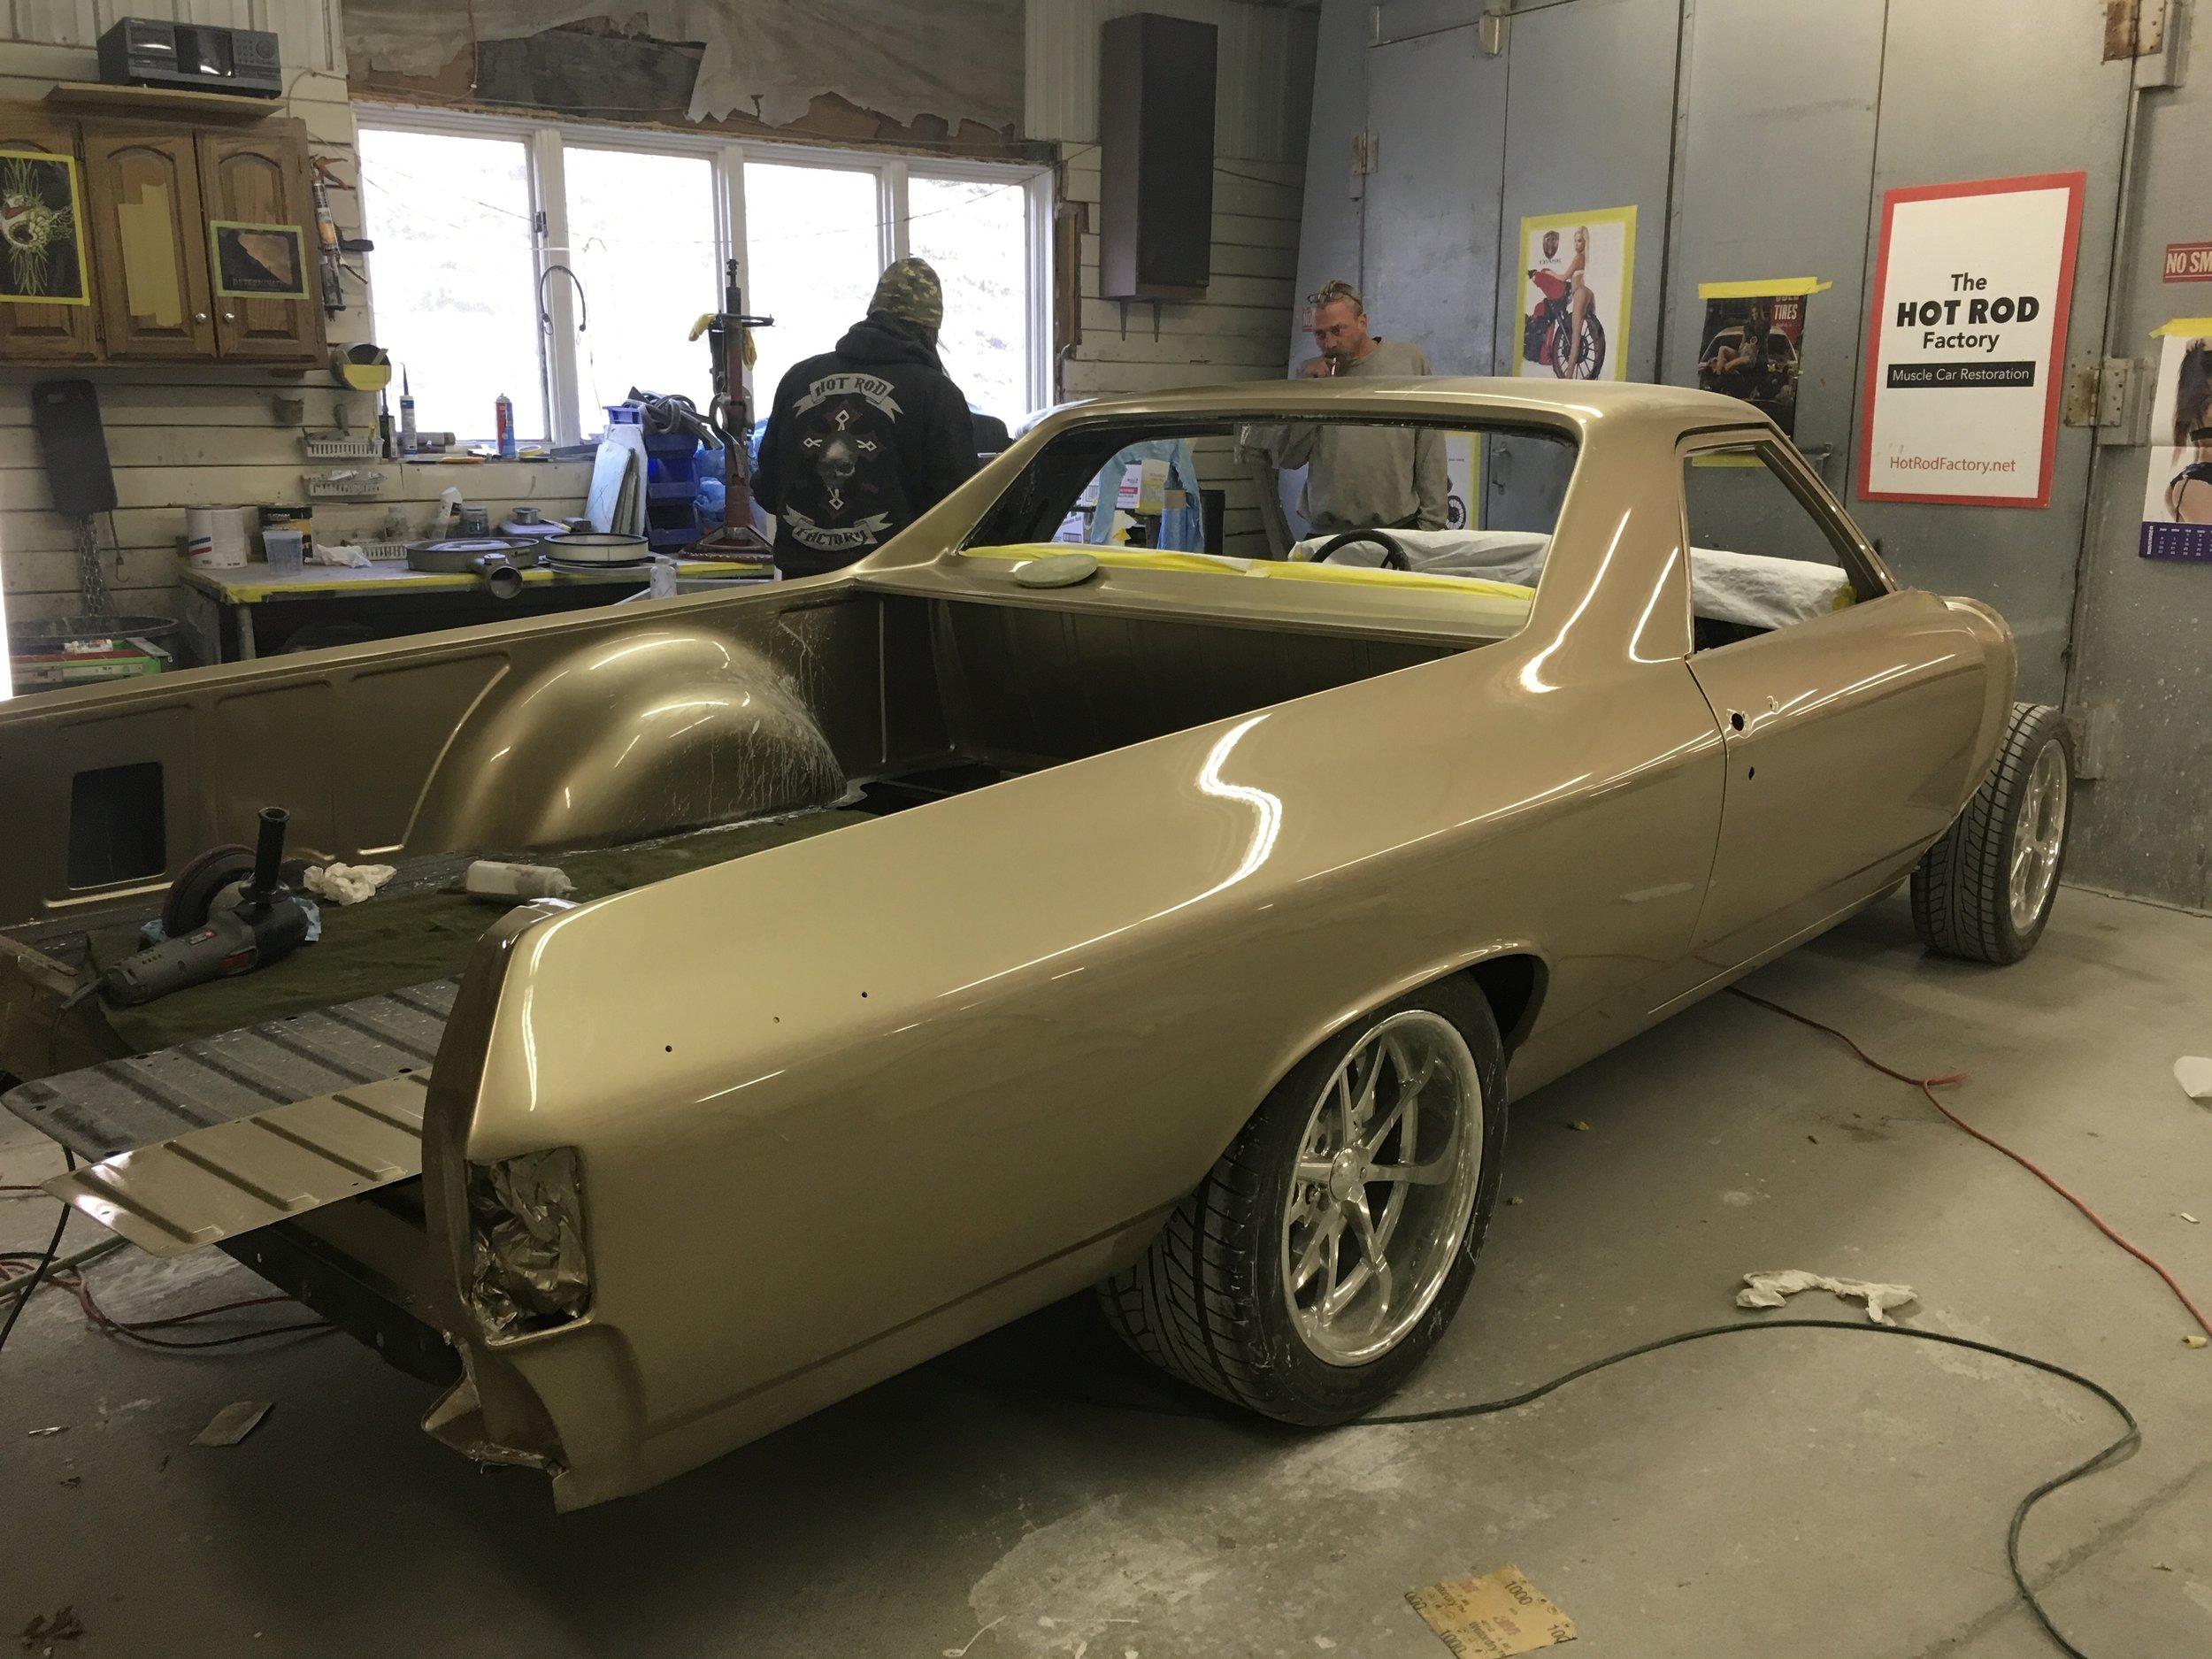 1968-El-Camino-minneapolis-hot-rod-restoration-custom-build-18.jpg